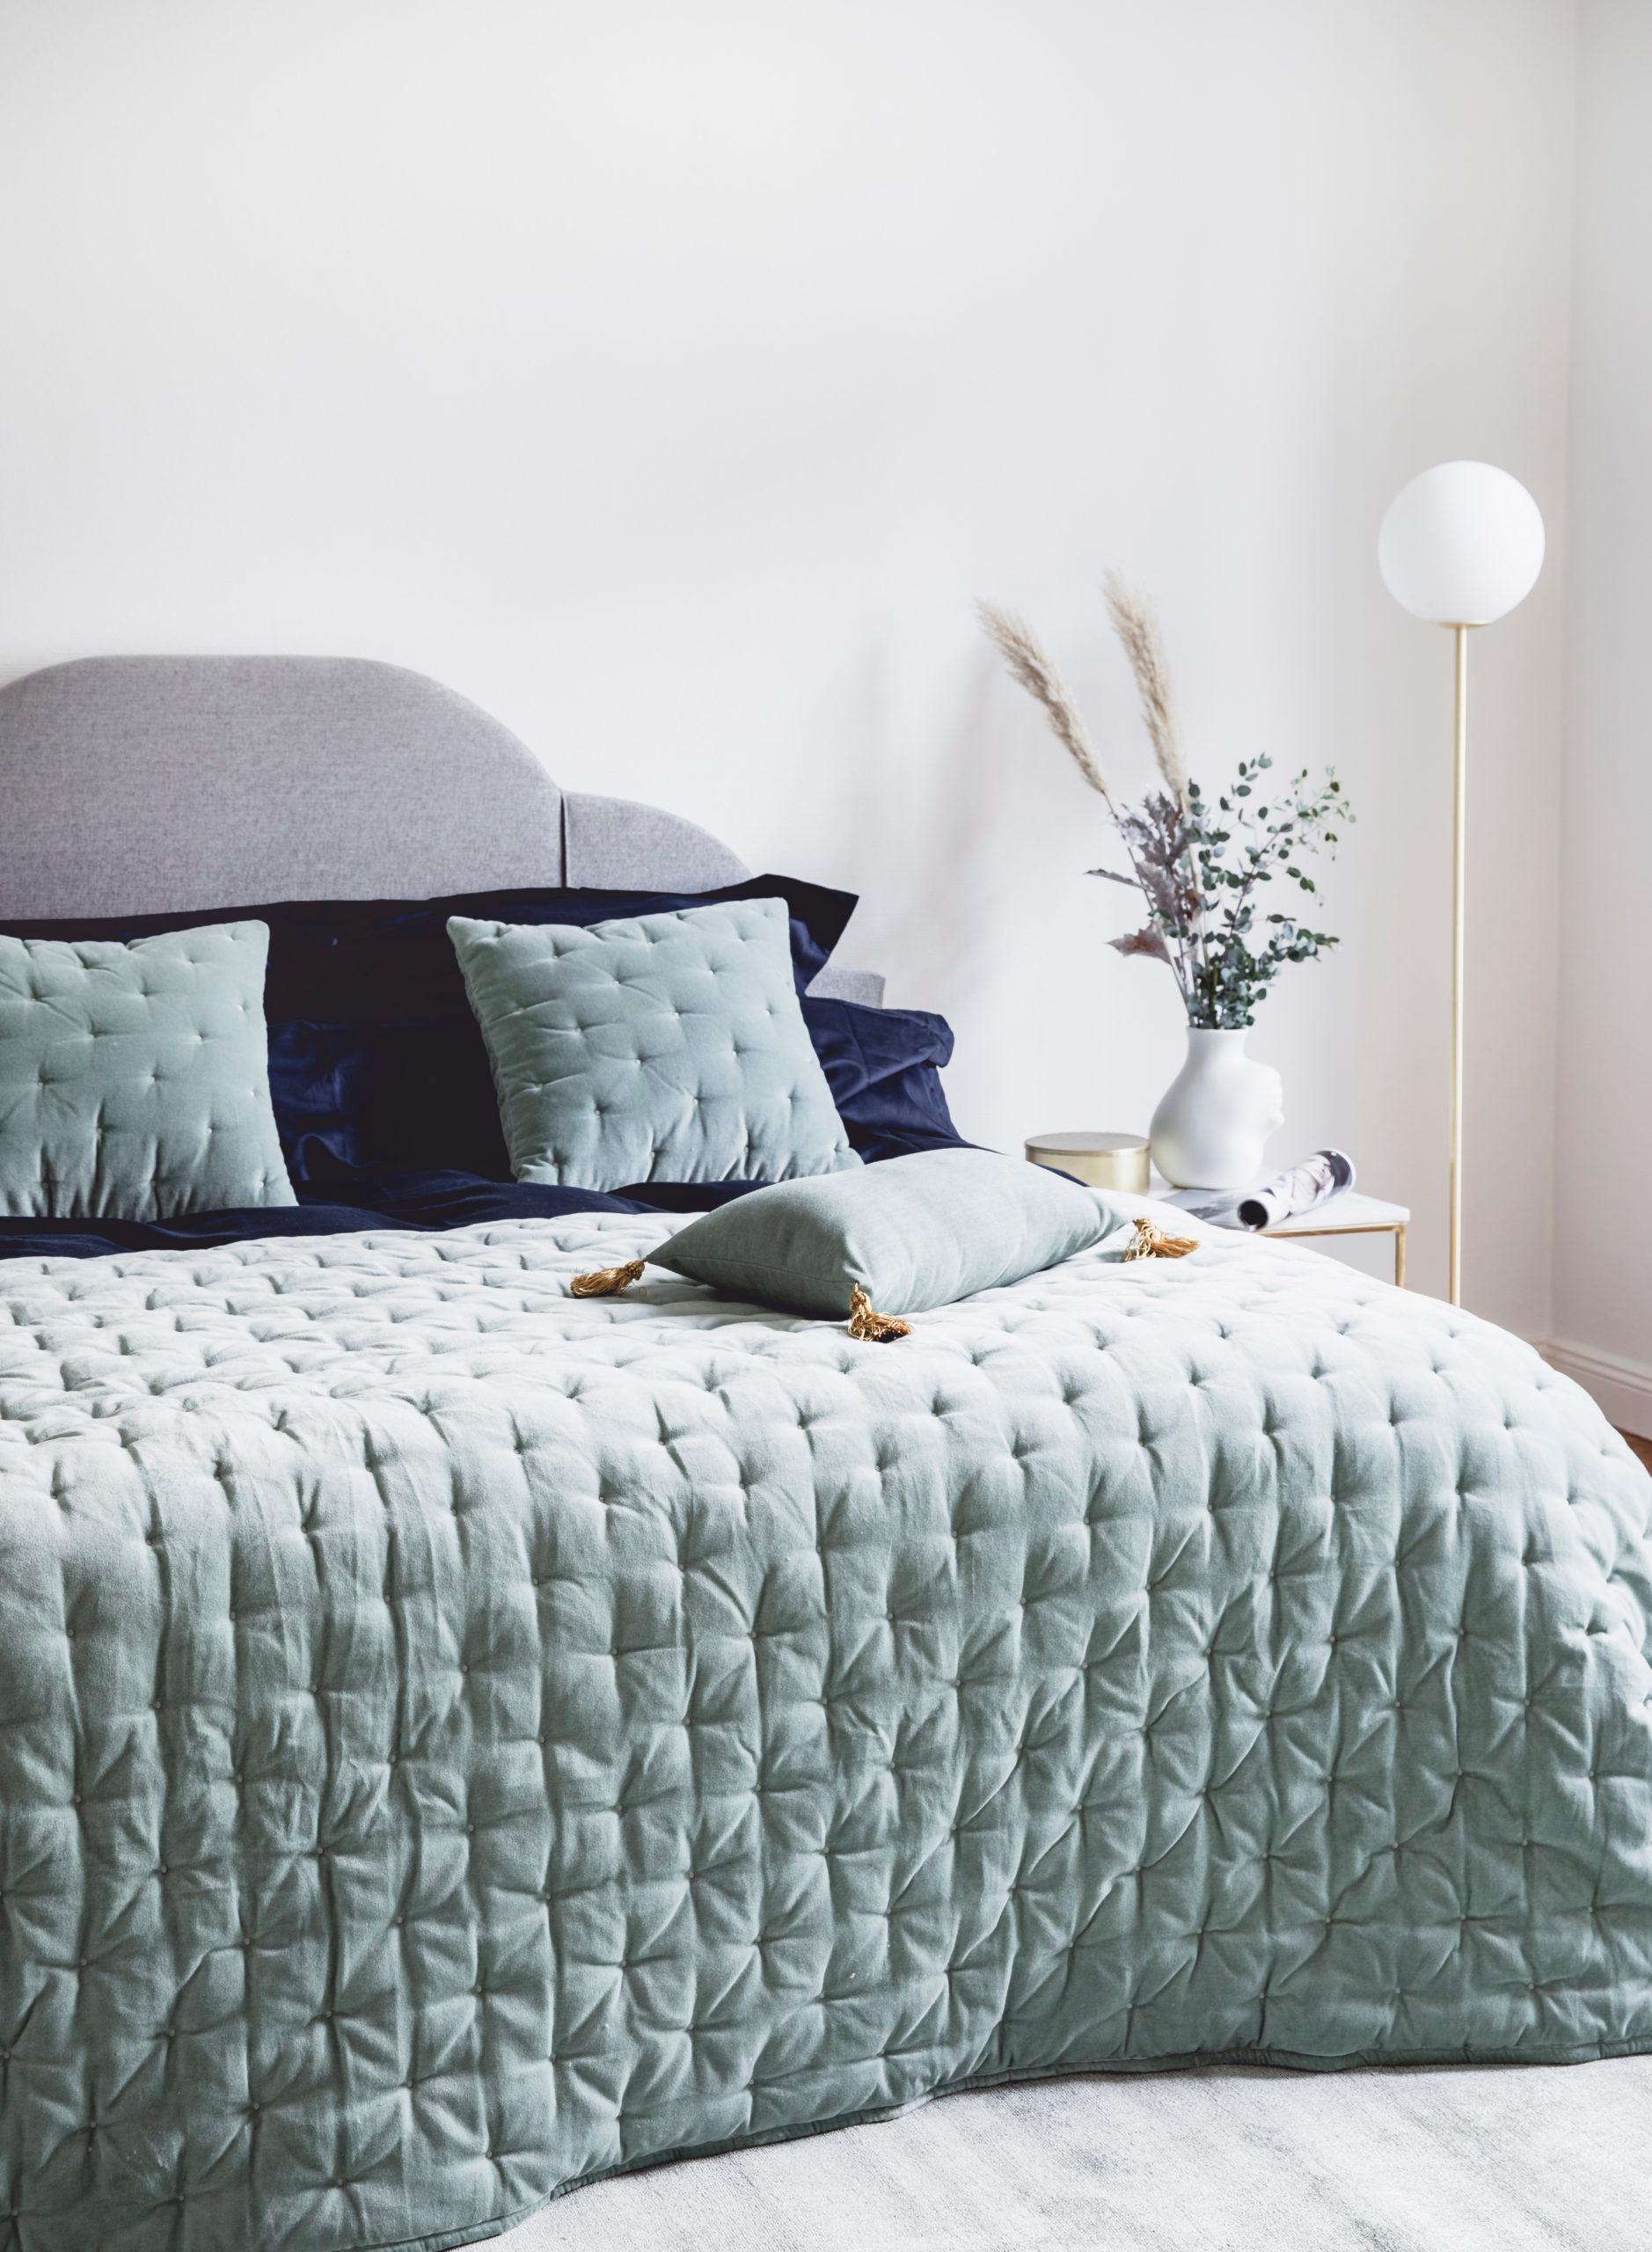 Szara sypialnia z podwójnym łóżkiem zaścielonym kapą w kolorze szałwiowej zieleni